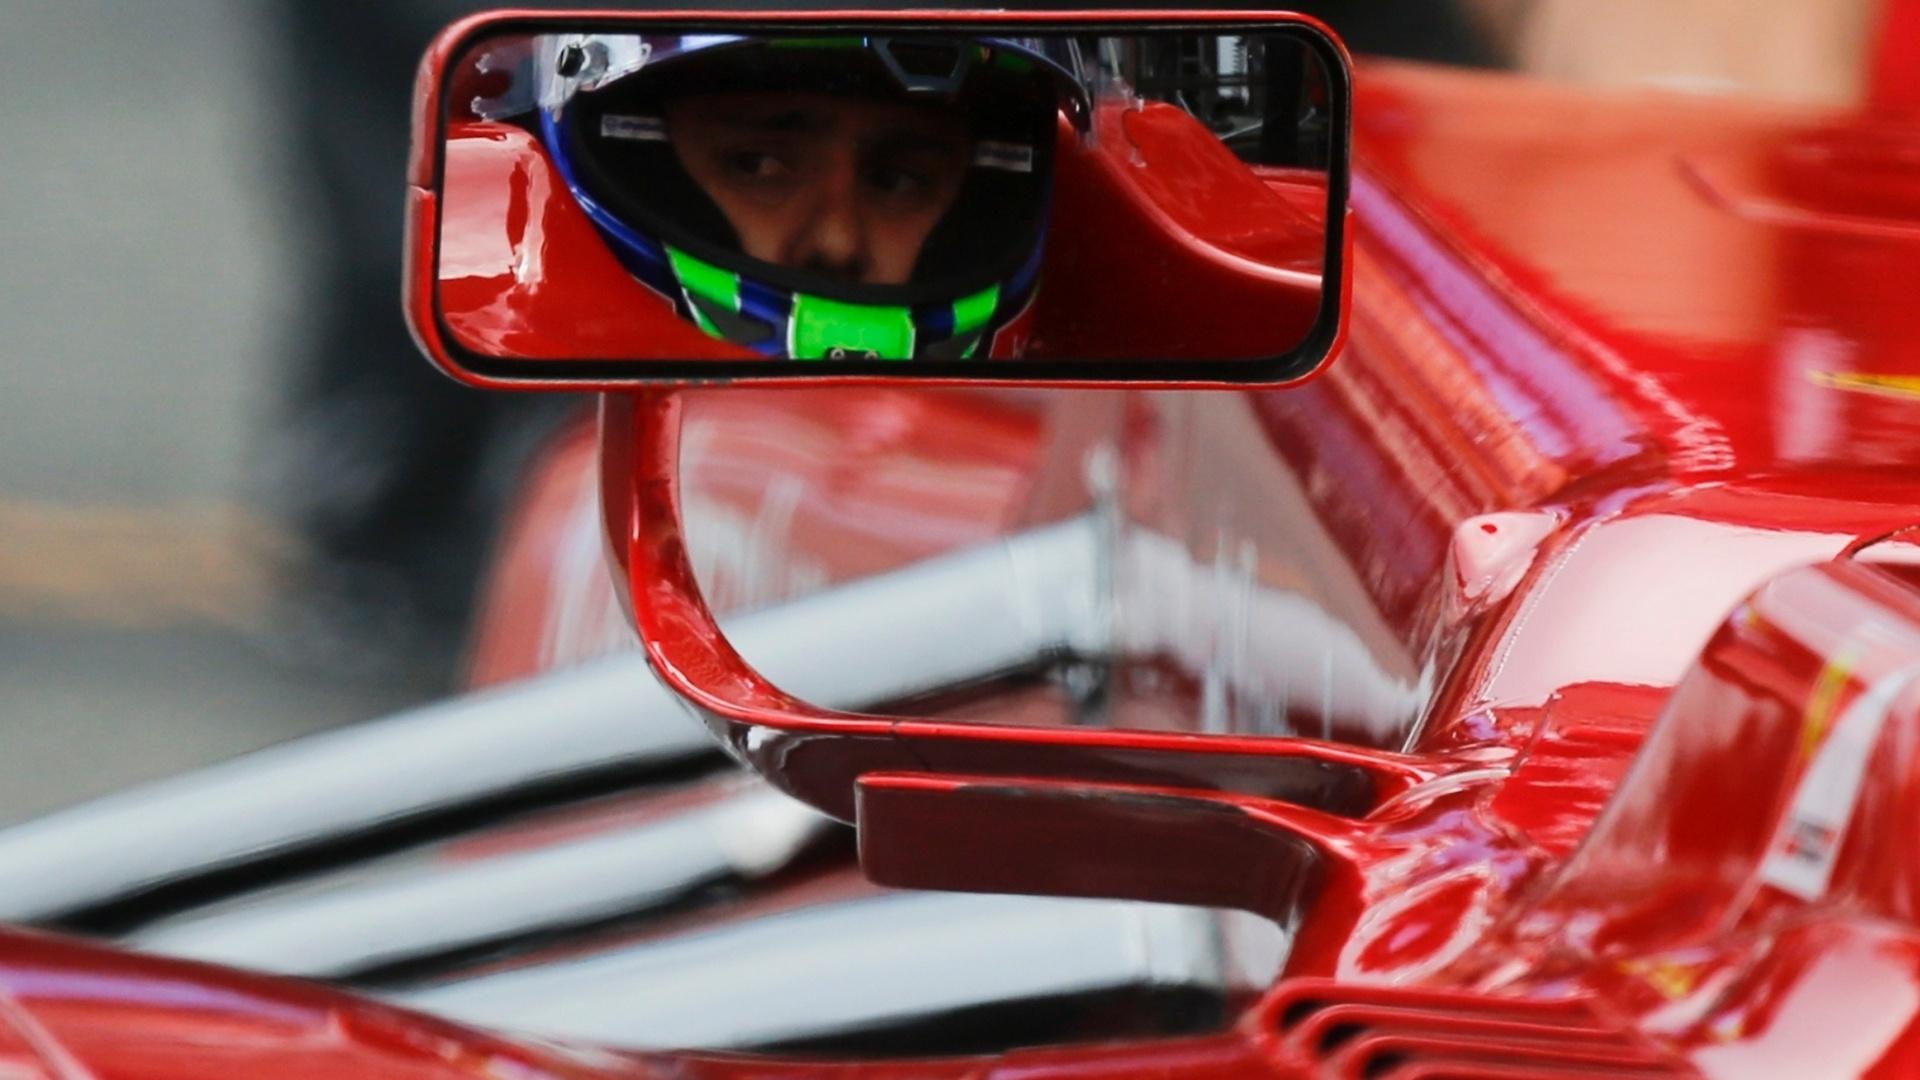 Felipe Massa olha pelo retrovisor durante sessão de treinos na Alemanha